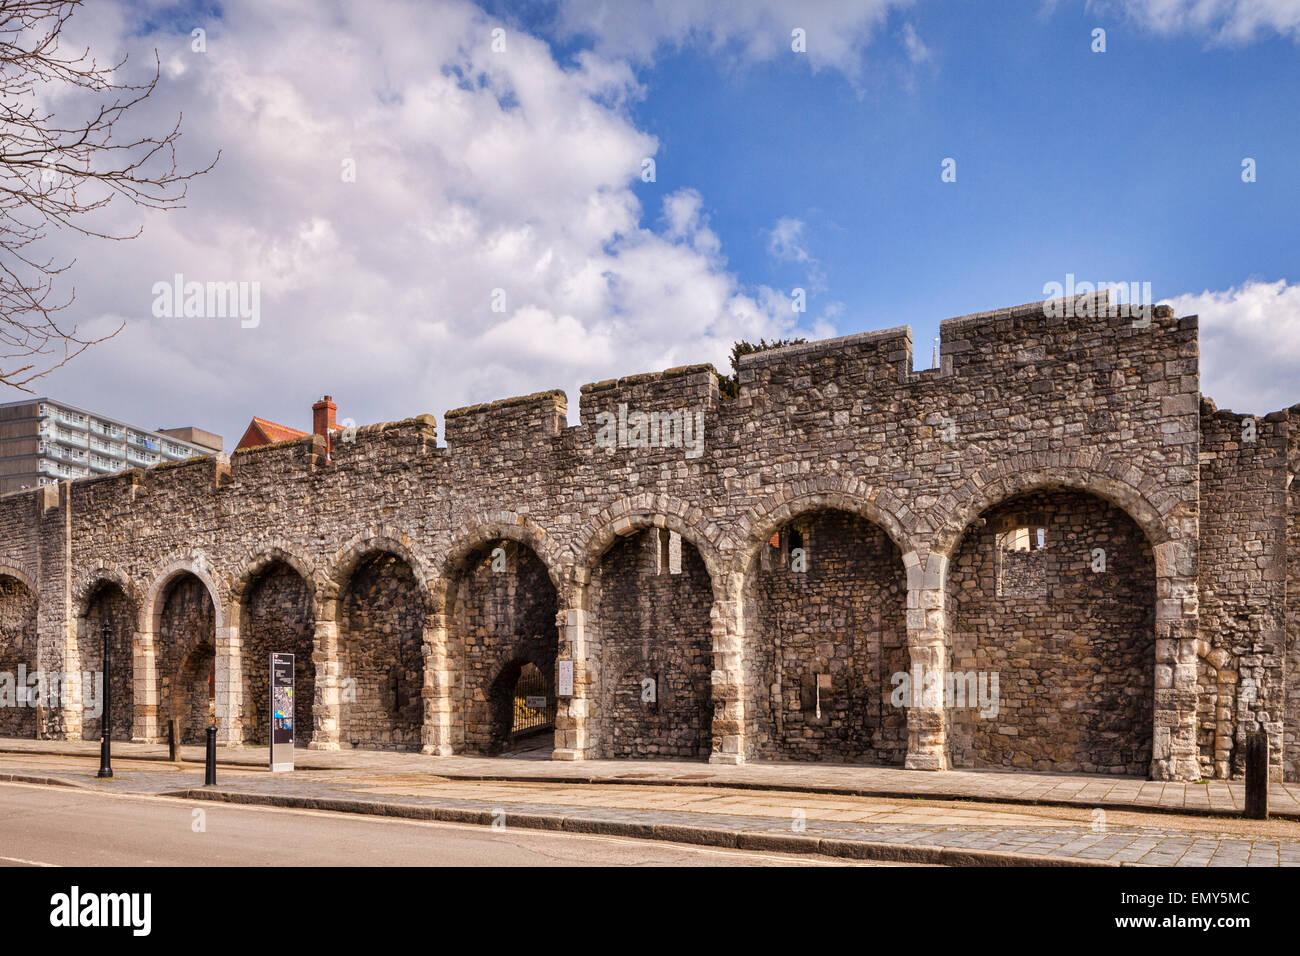 Une partie des murs de la vieille ville de la ville de Southampton, Hampshire, Angleterre. Photo Stock